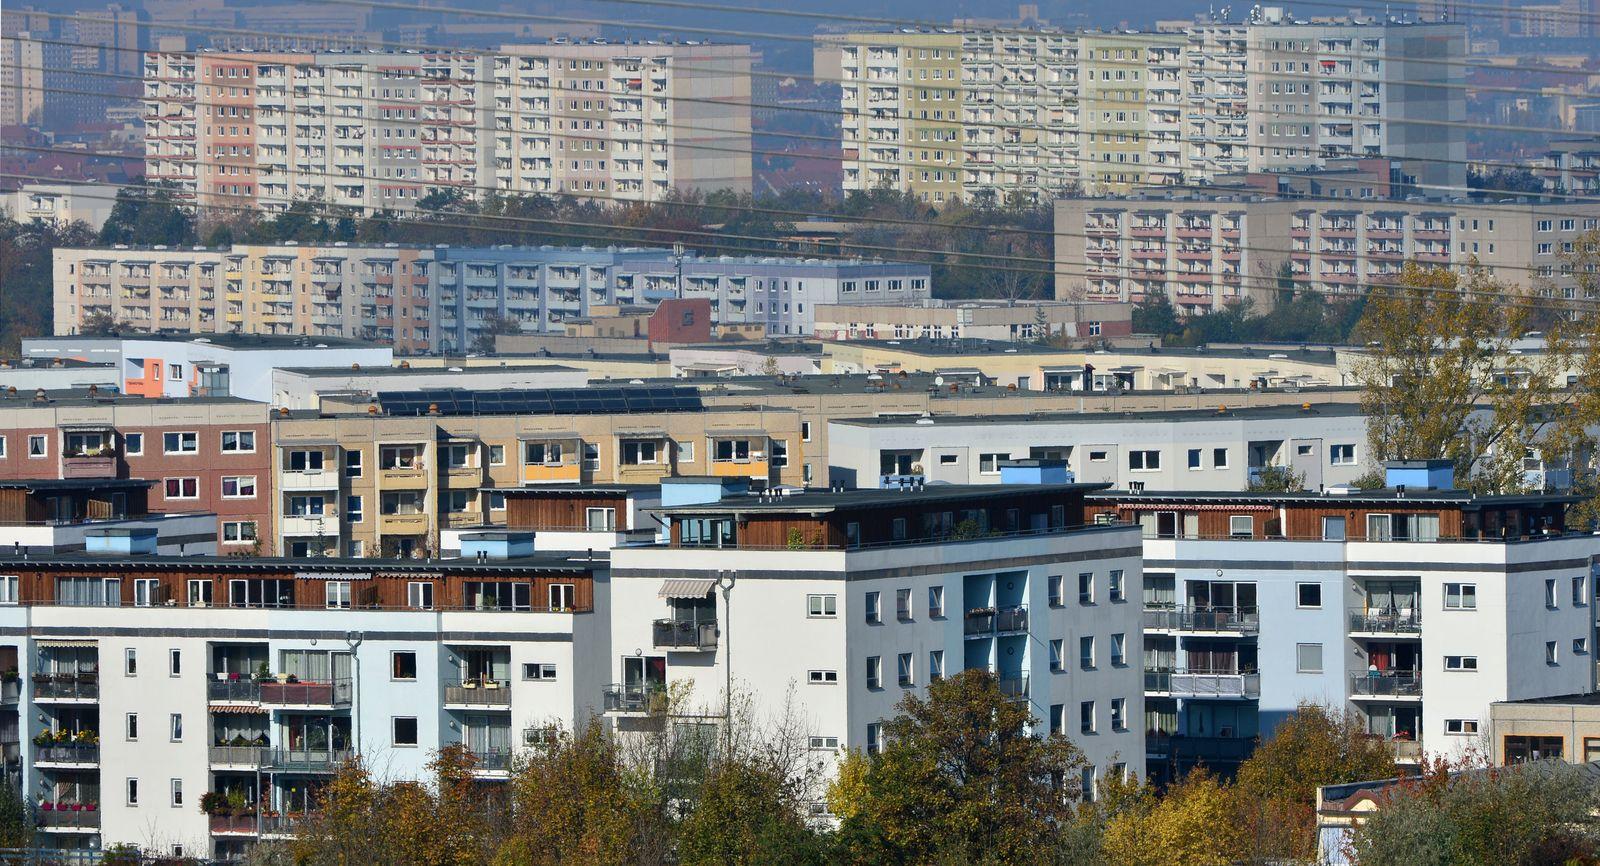 Plattenbauten in Erfurt